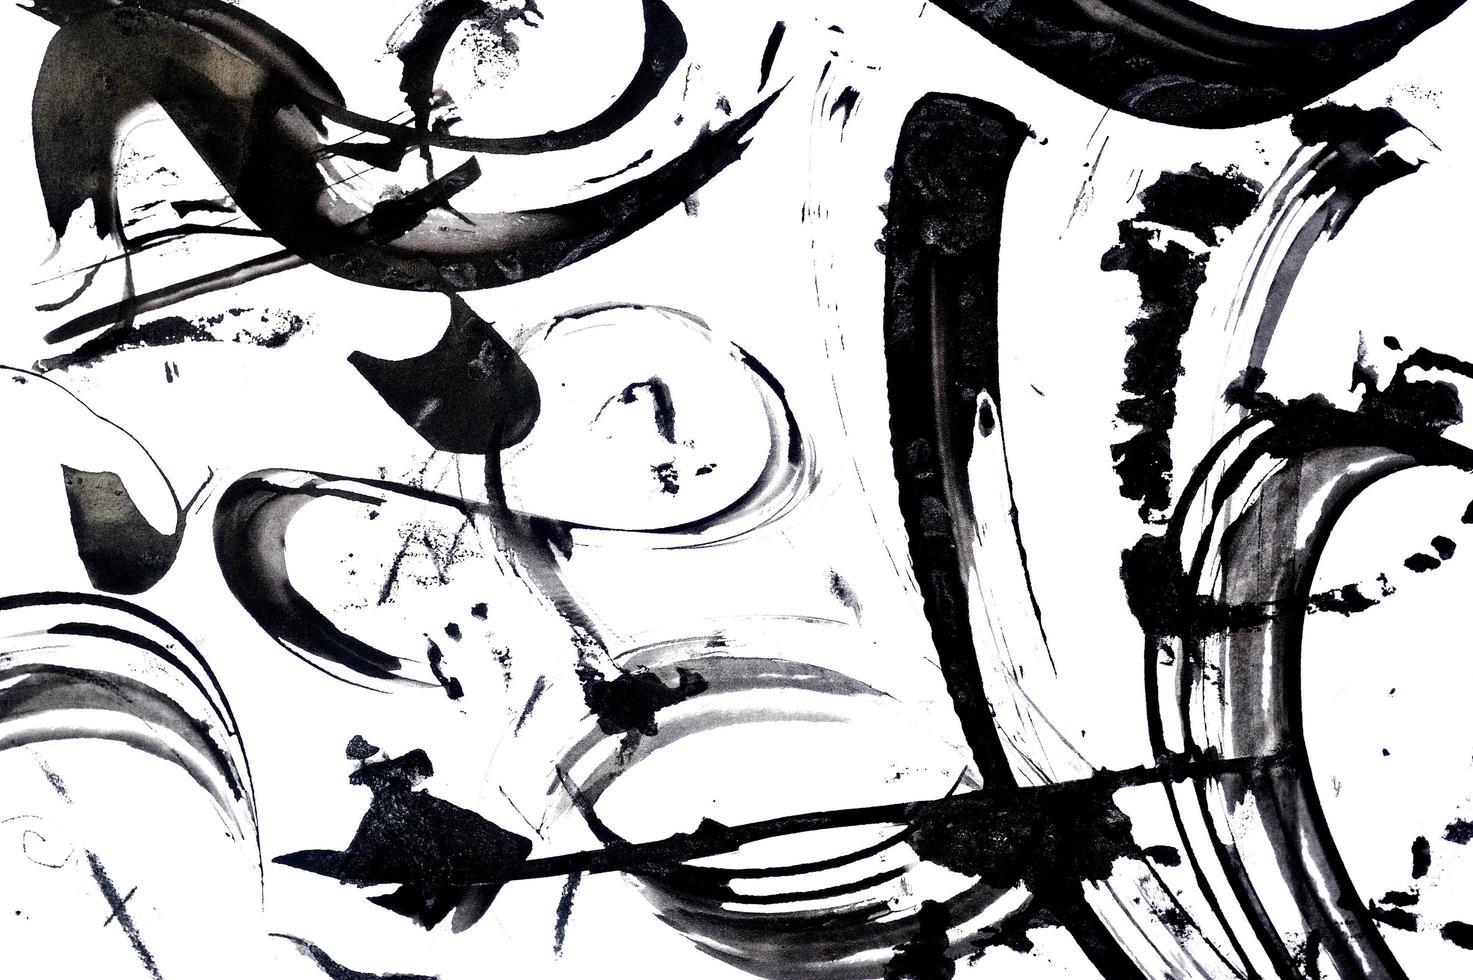 trazos de pincel abstracto negro foto